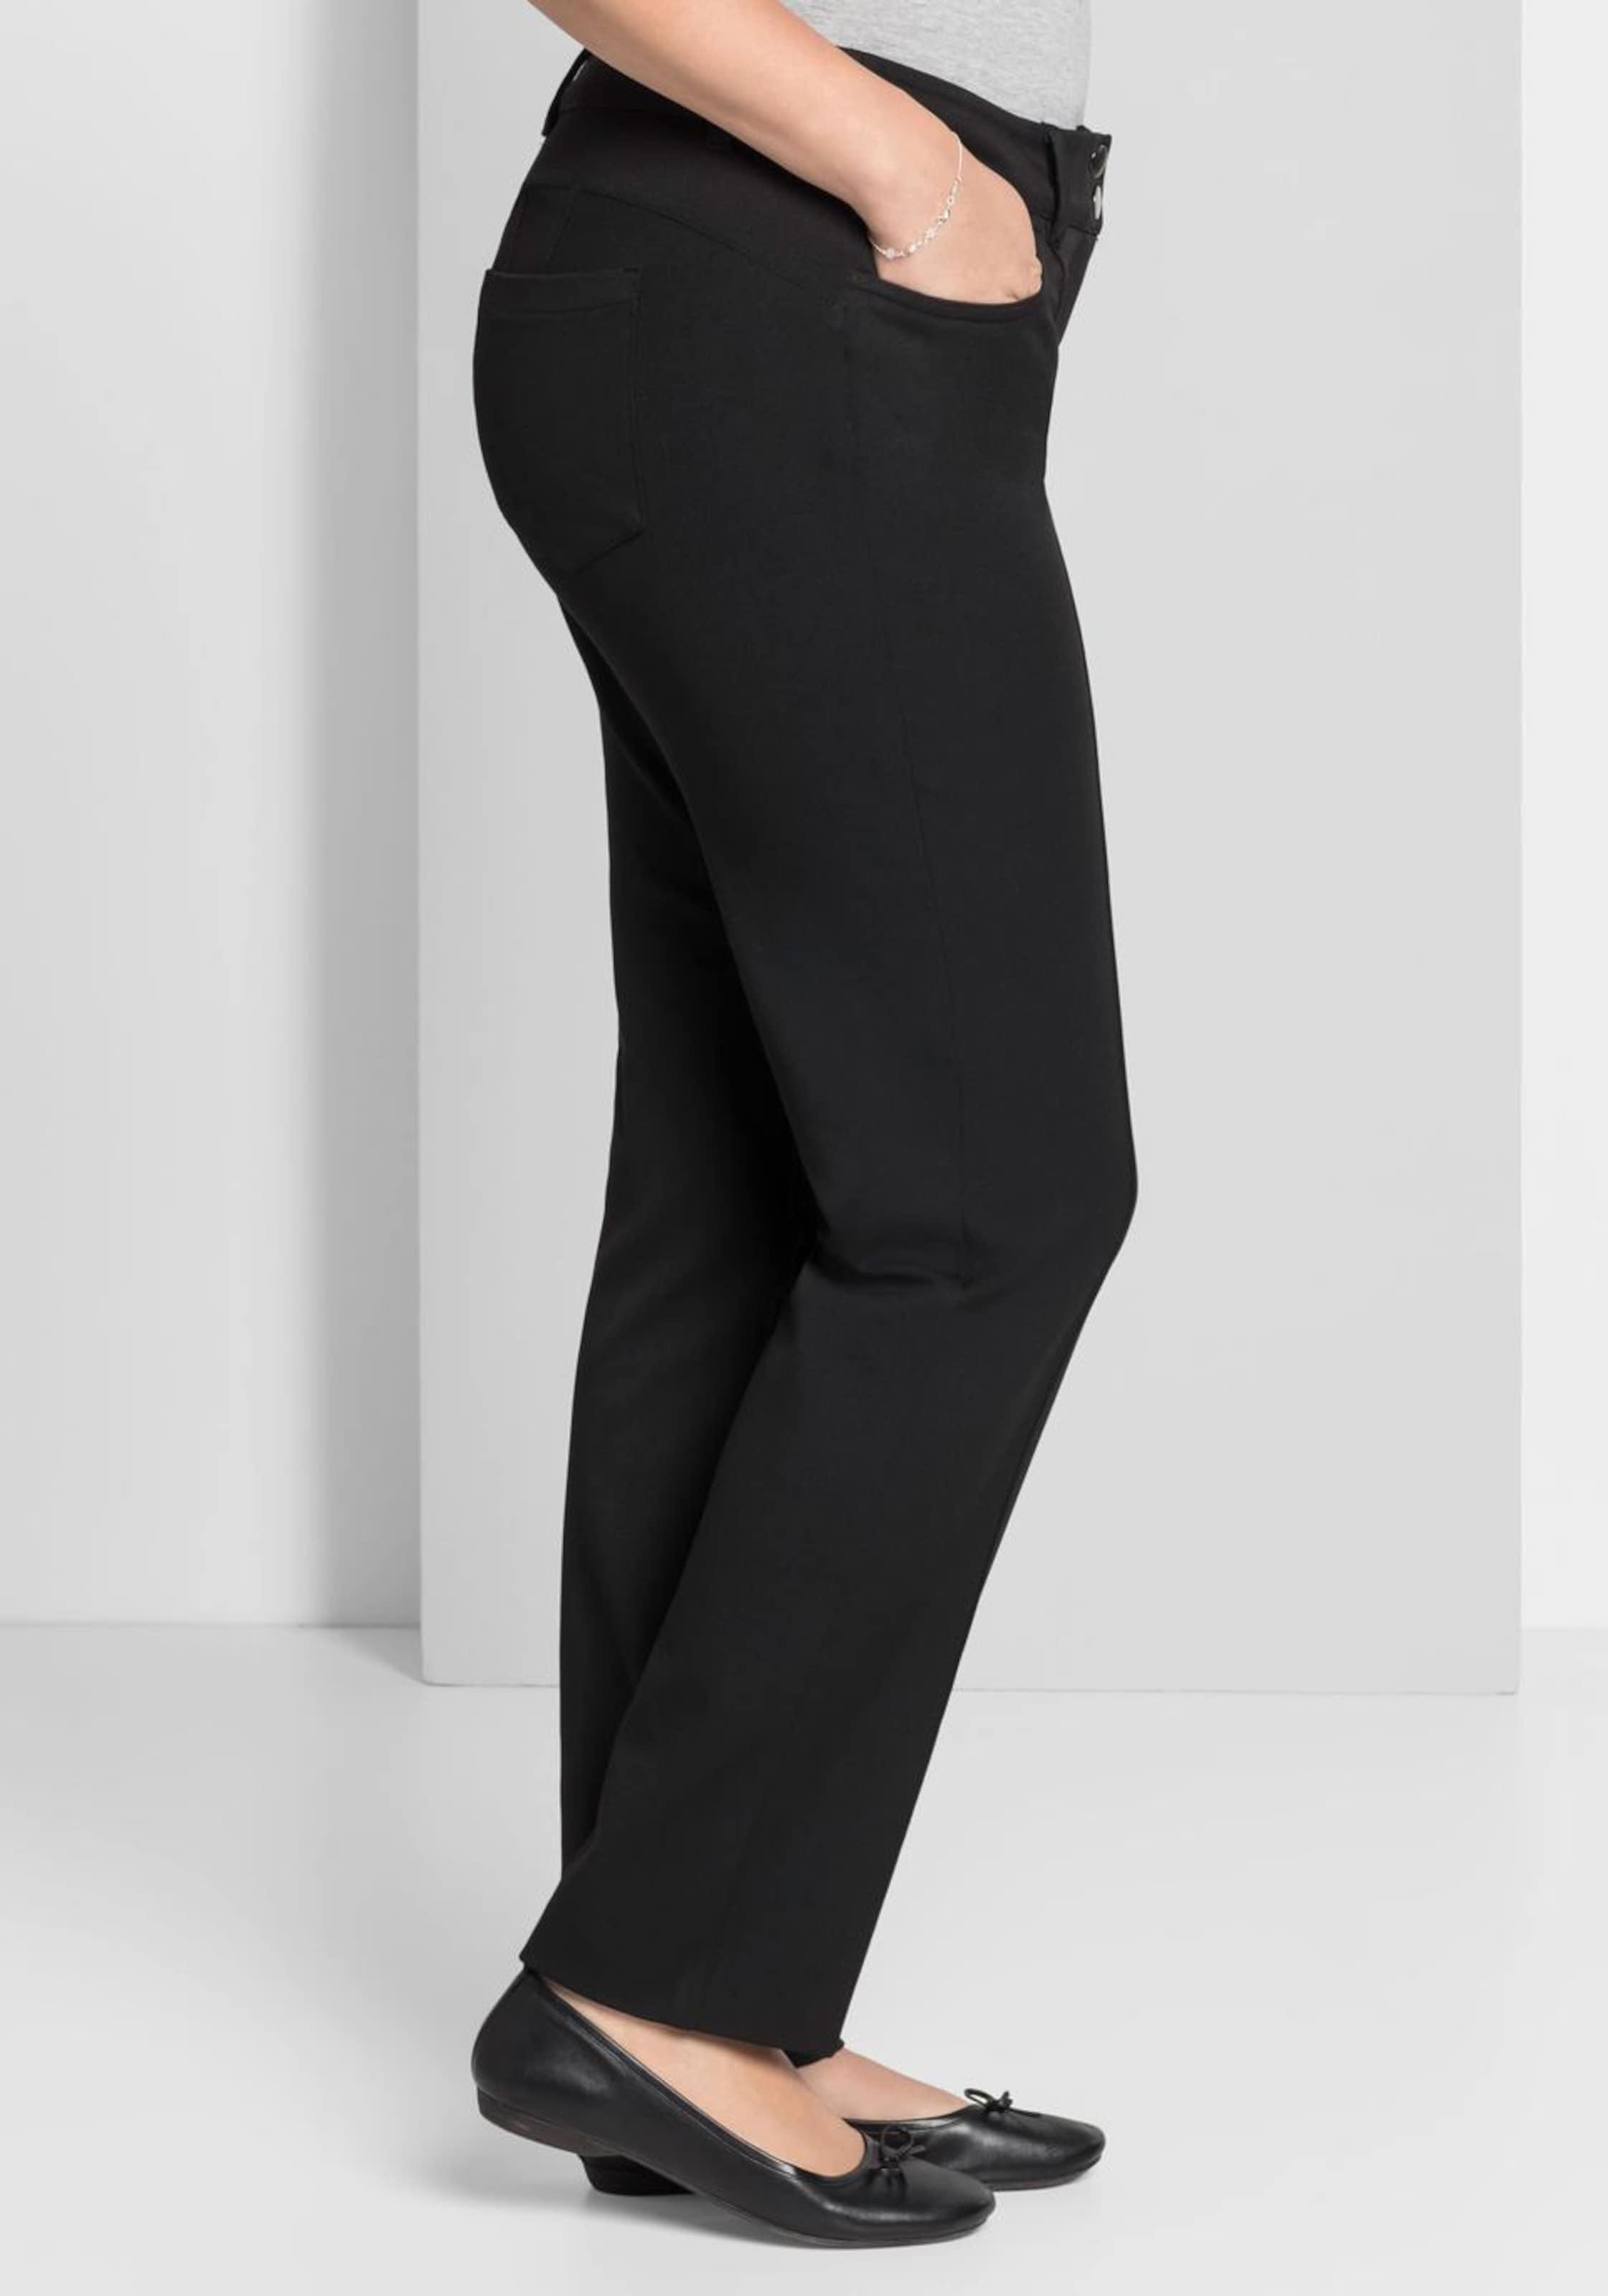 Schwarz Sheego Style In Style Bügelfaltenhose Sheego In Bügelfaltenhose Schwarz gyb6IYf7v